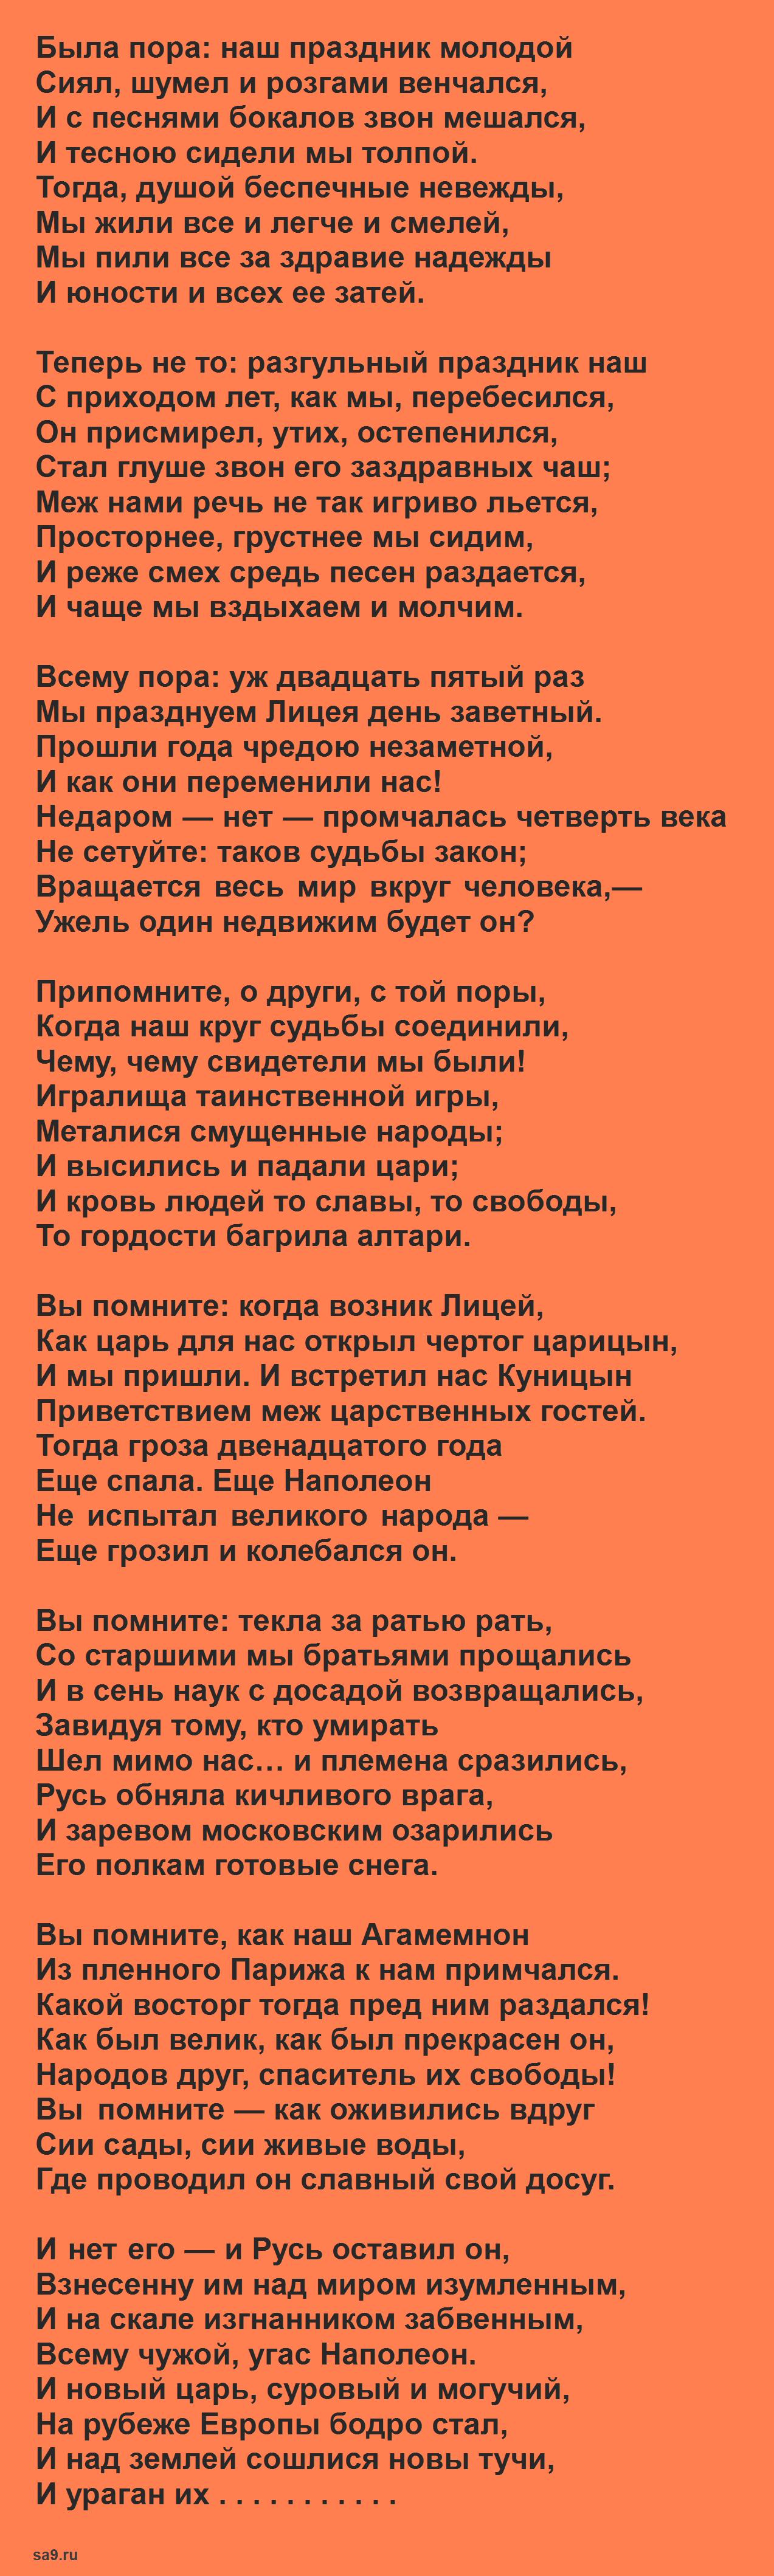 Красивые стихи о Родине, Пушкин - Была пора наш праздник молодой